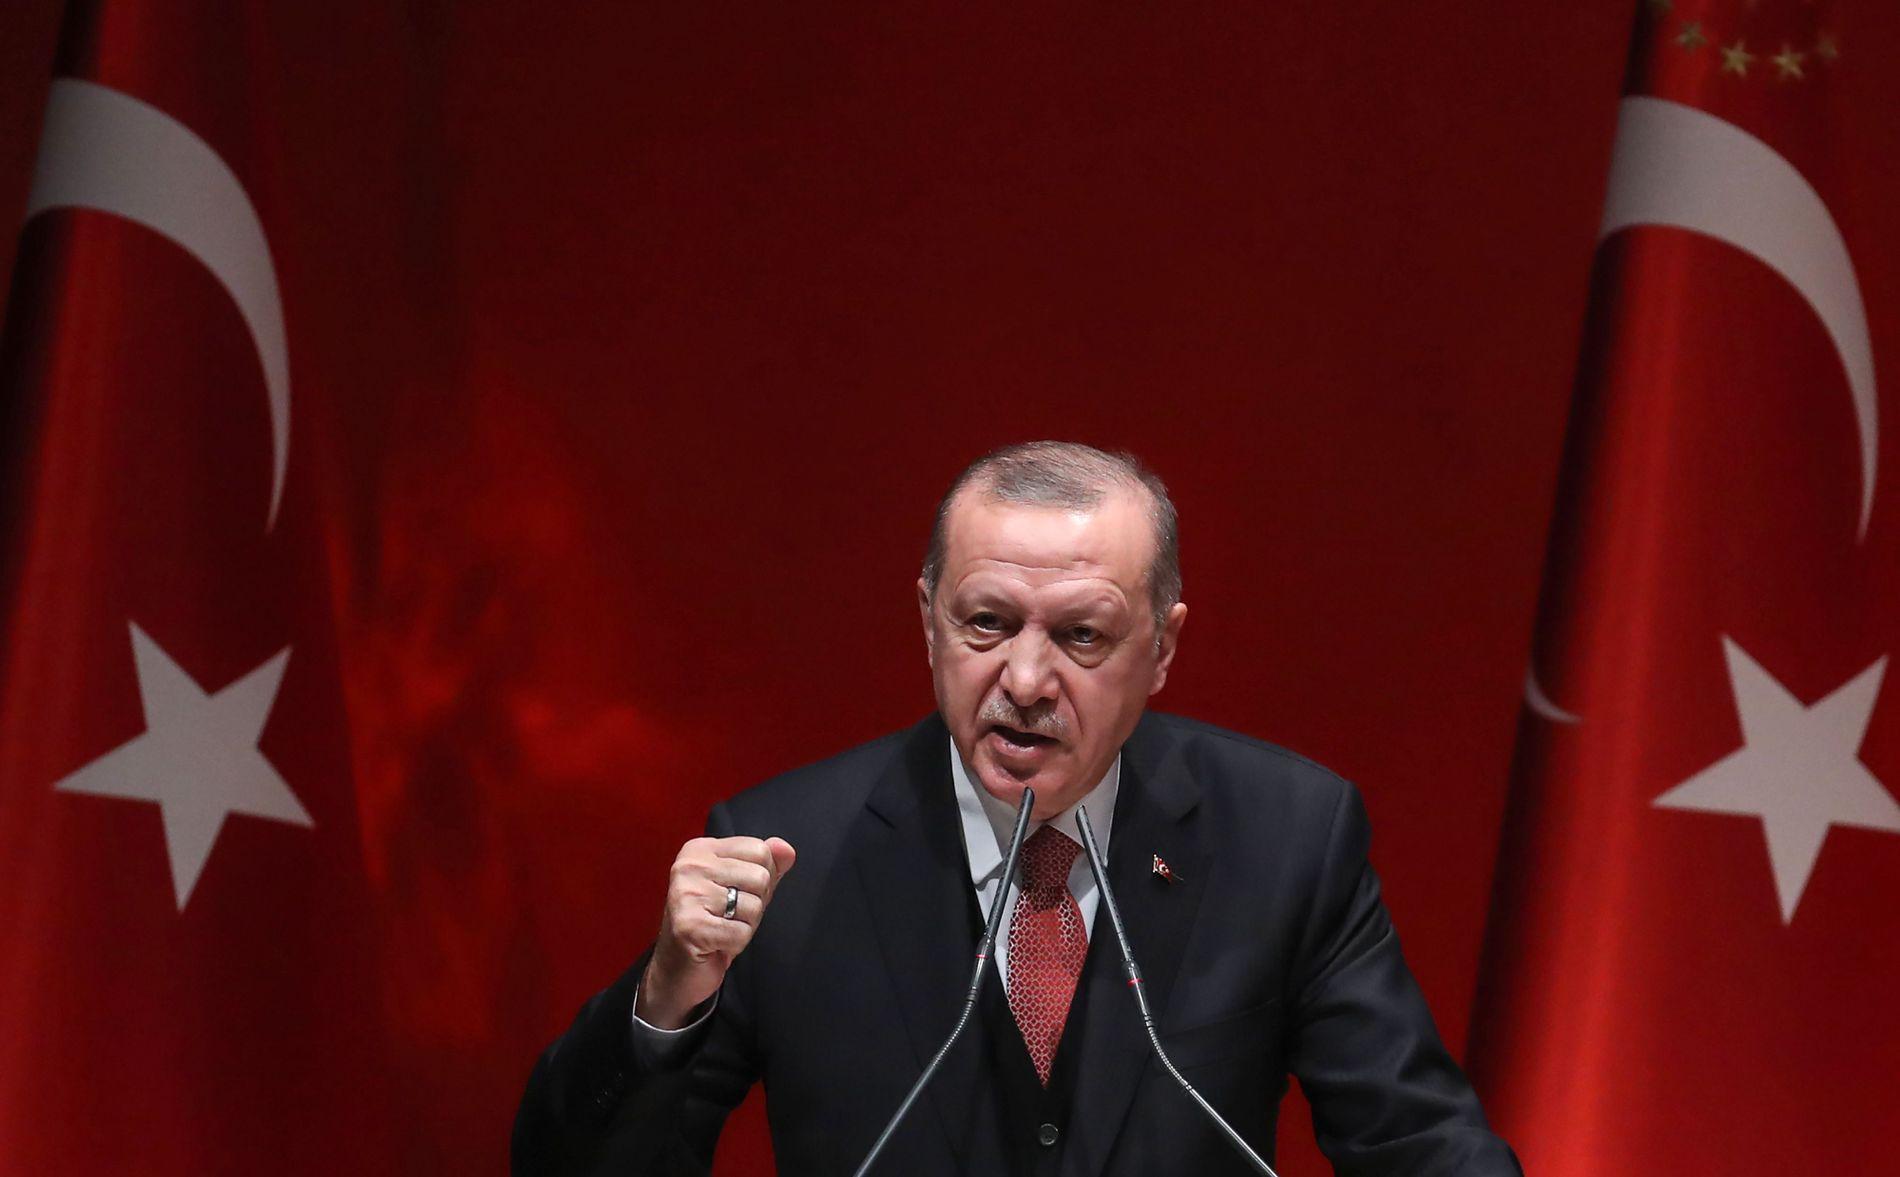 PRESIDENT:  Recep Tayyip Erdogan har vært Tyrkias president siden 2014, og er leder av Rettferdighets- og utviklingspartiet (AKP)